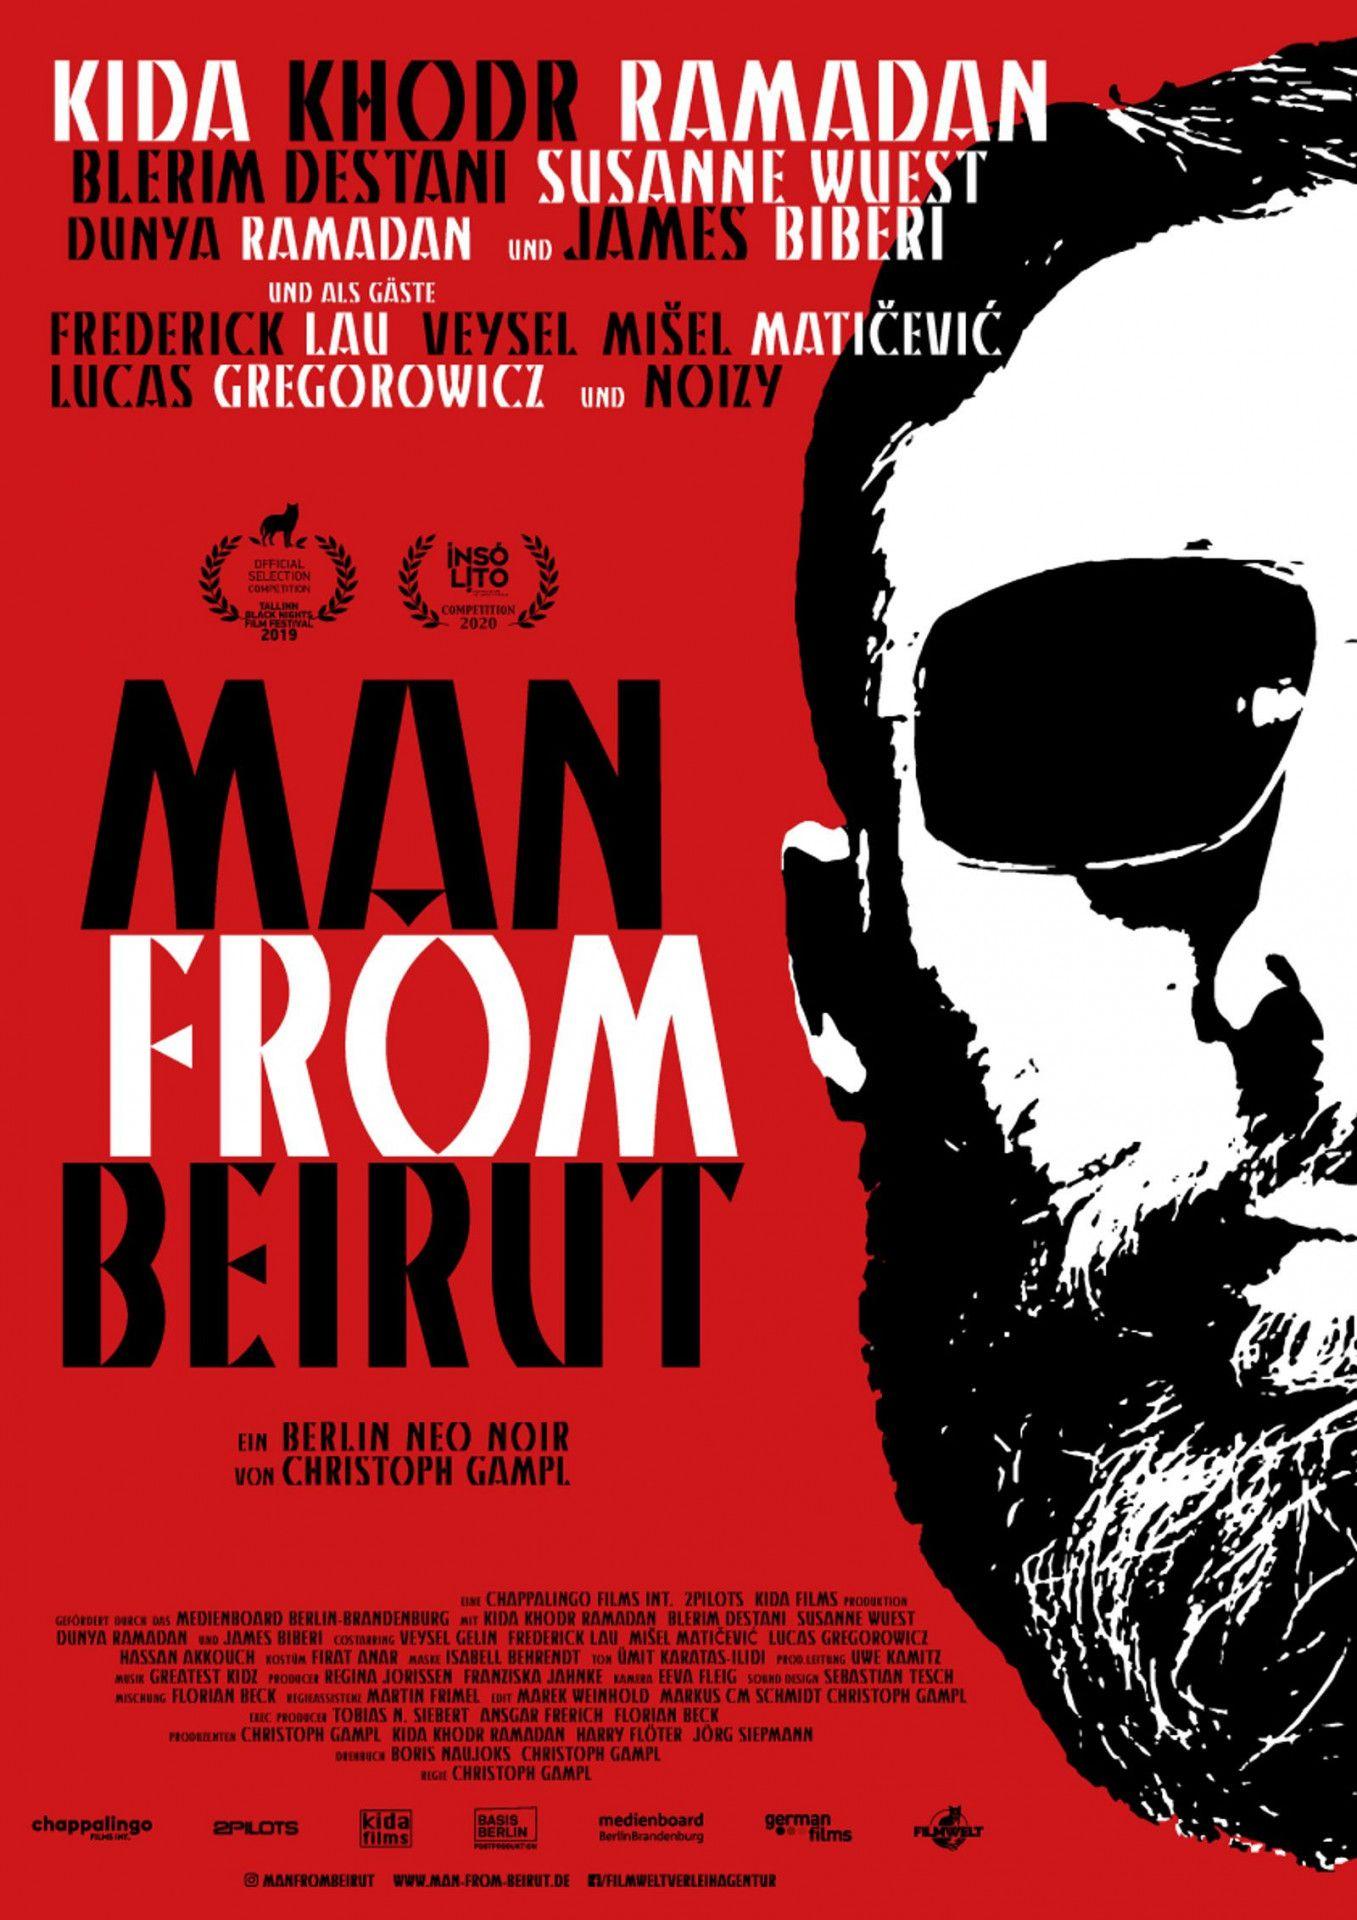 """Kida Khodr Ramadan spielt einen blinden Auftragskiller im stylishen Neo-Noir-Film """"Man from Beirut""""."""